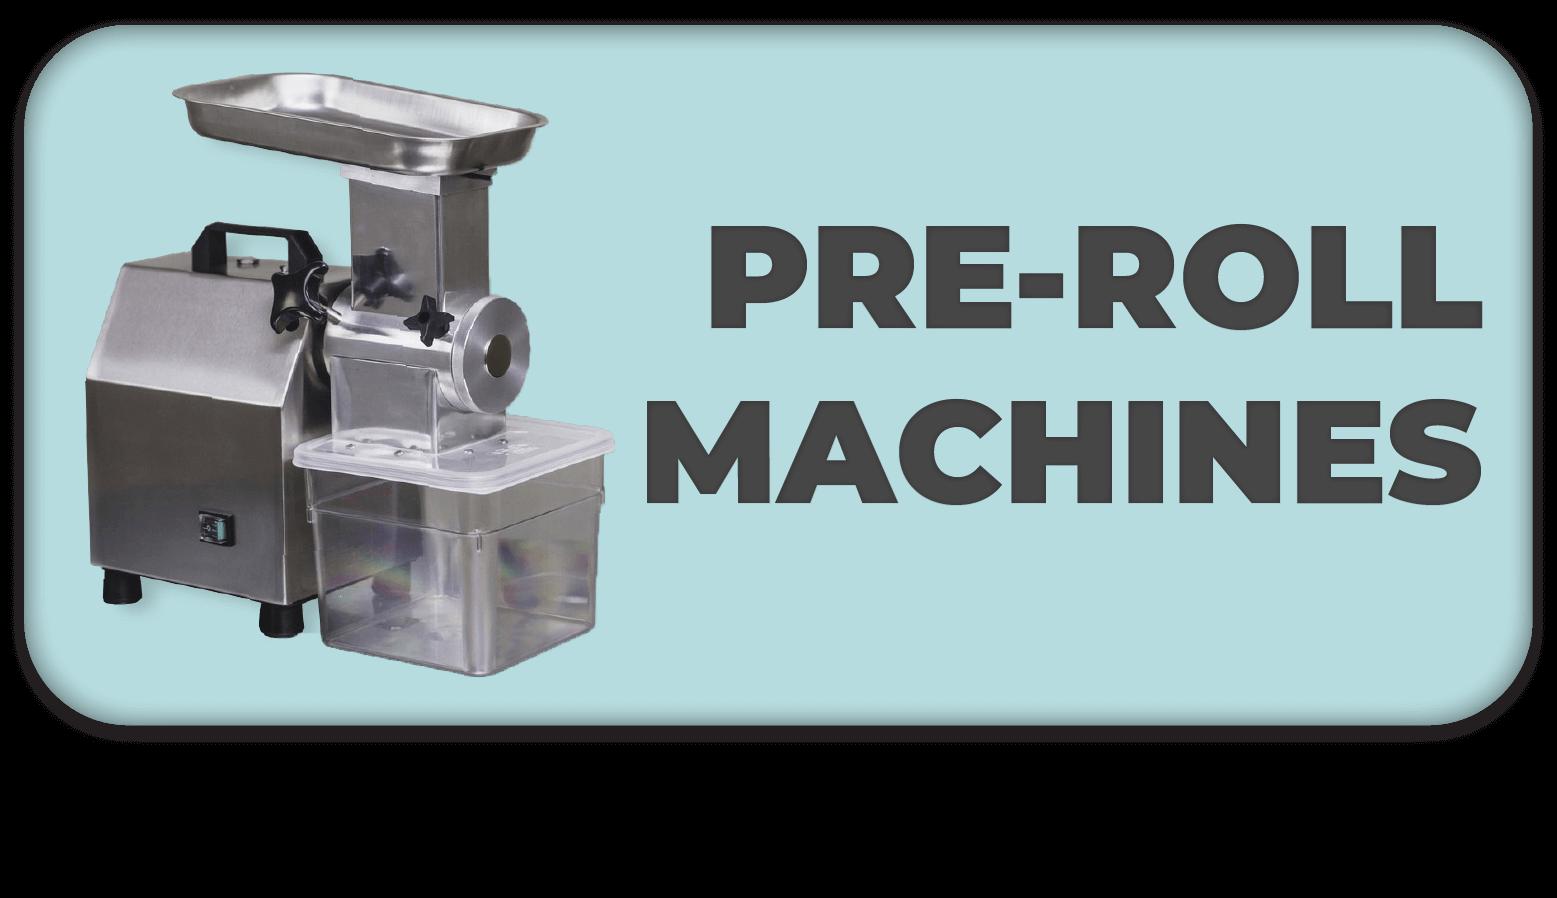 Pre-Roll Machines Button